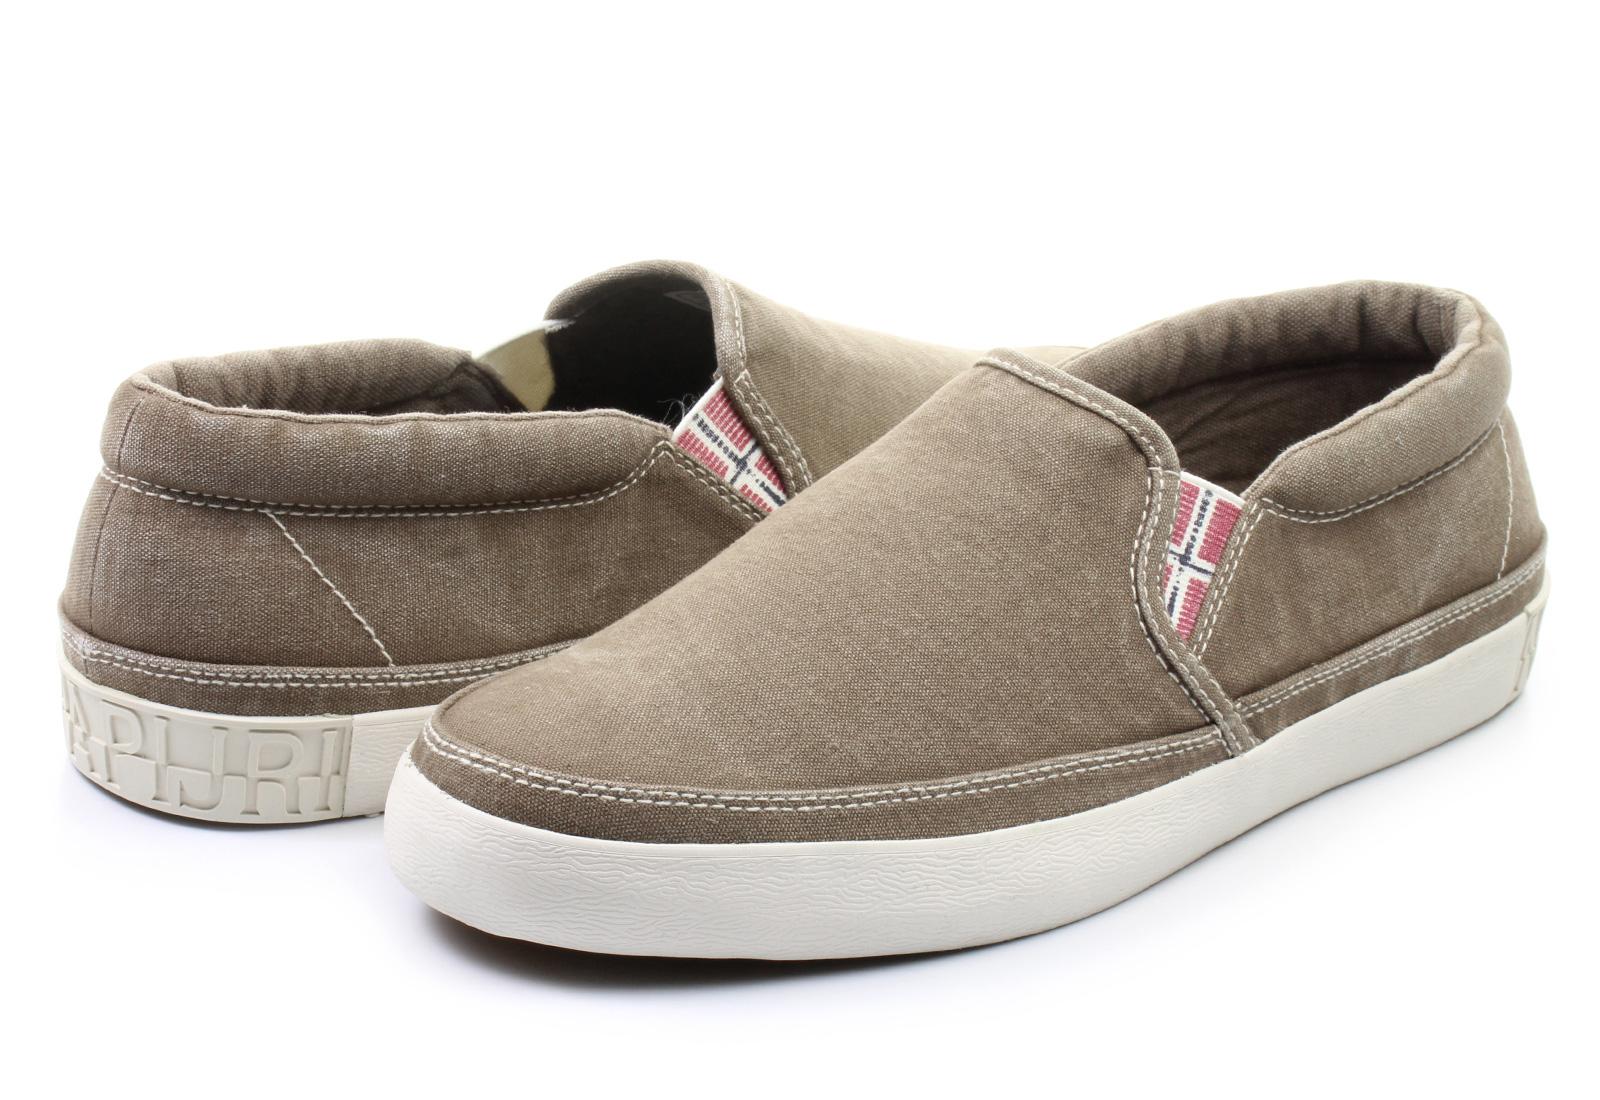 c31703629cf0 Napapijri Cipő - Asker Slip-on - 10878487-N24 - Office Shoes ...